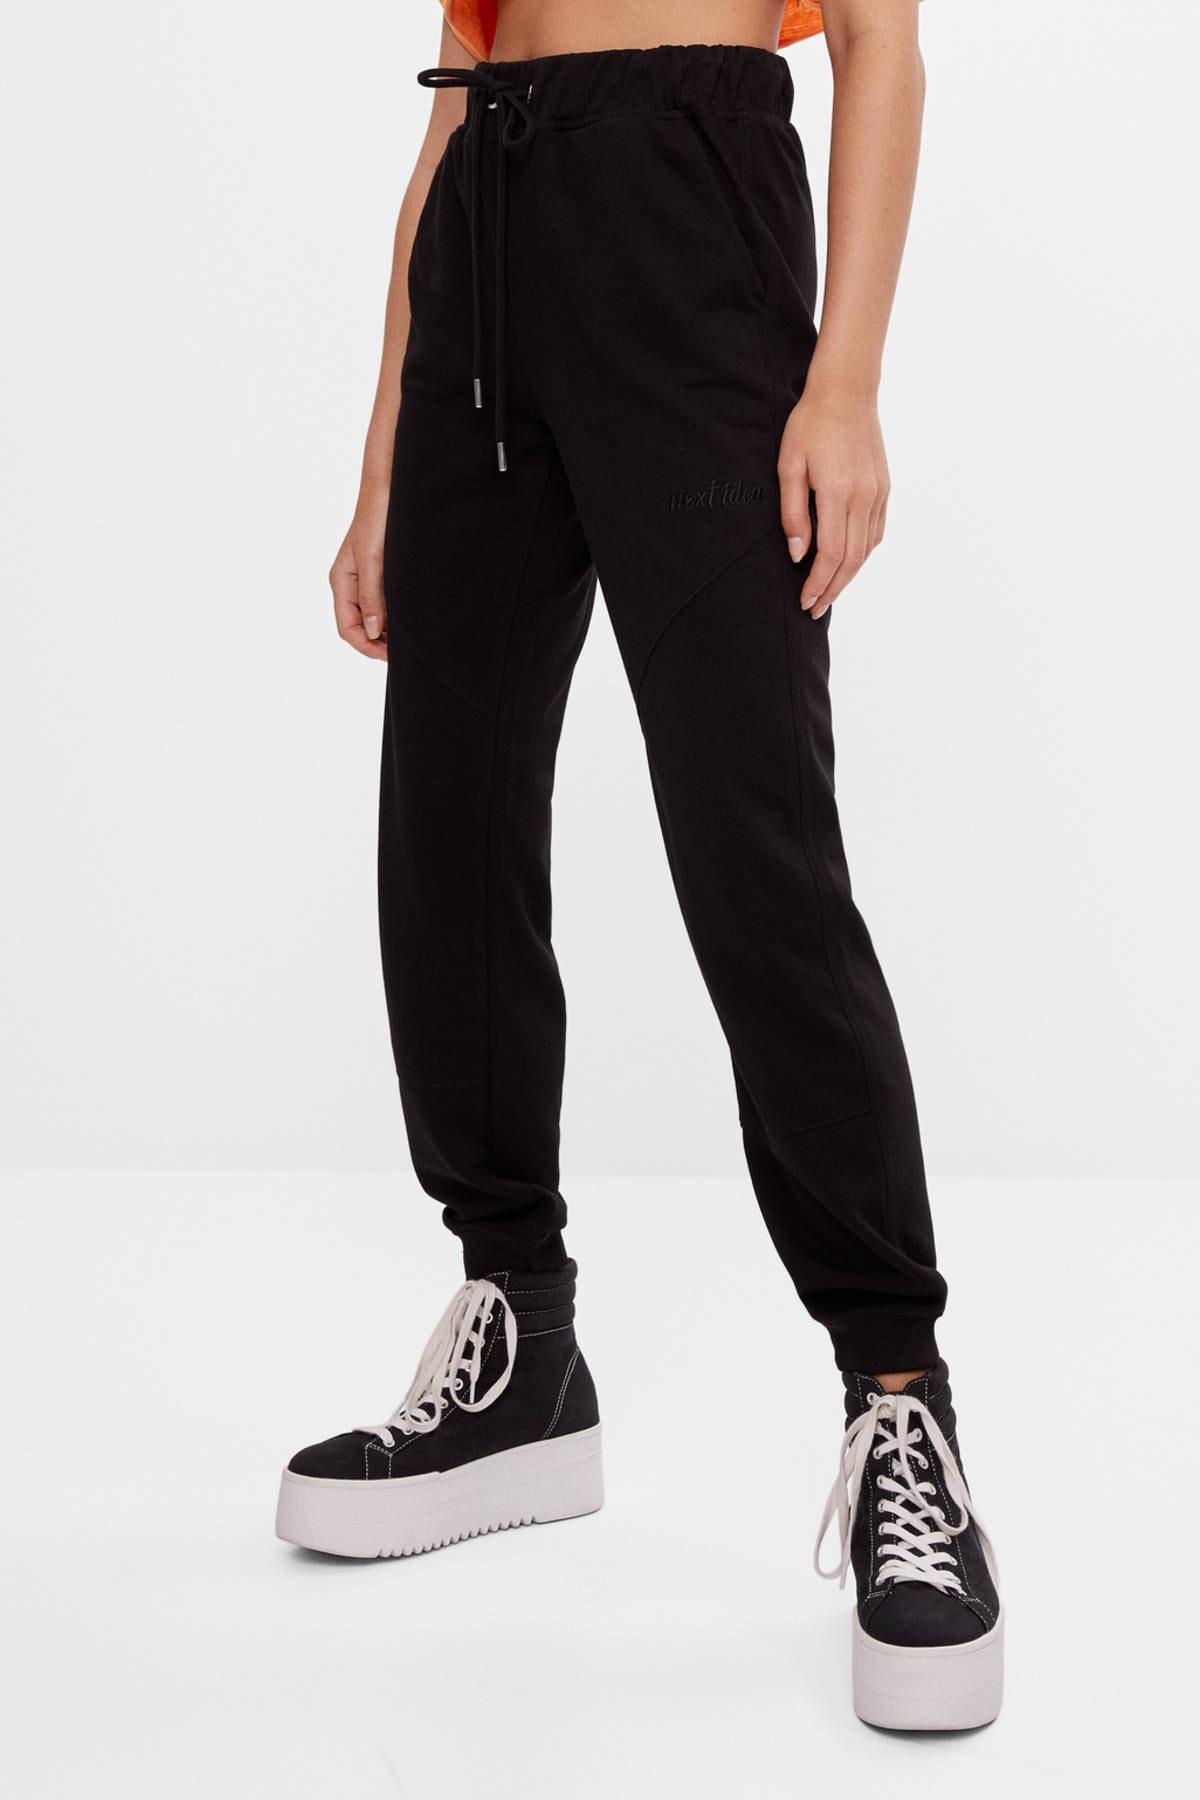 Bershka Kadın Siyah Koton Jogger Pantolon 1